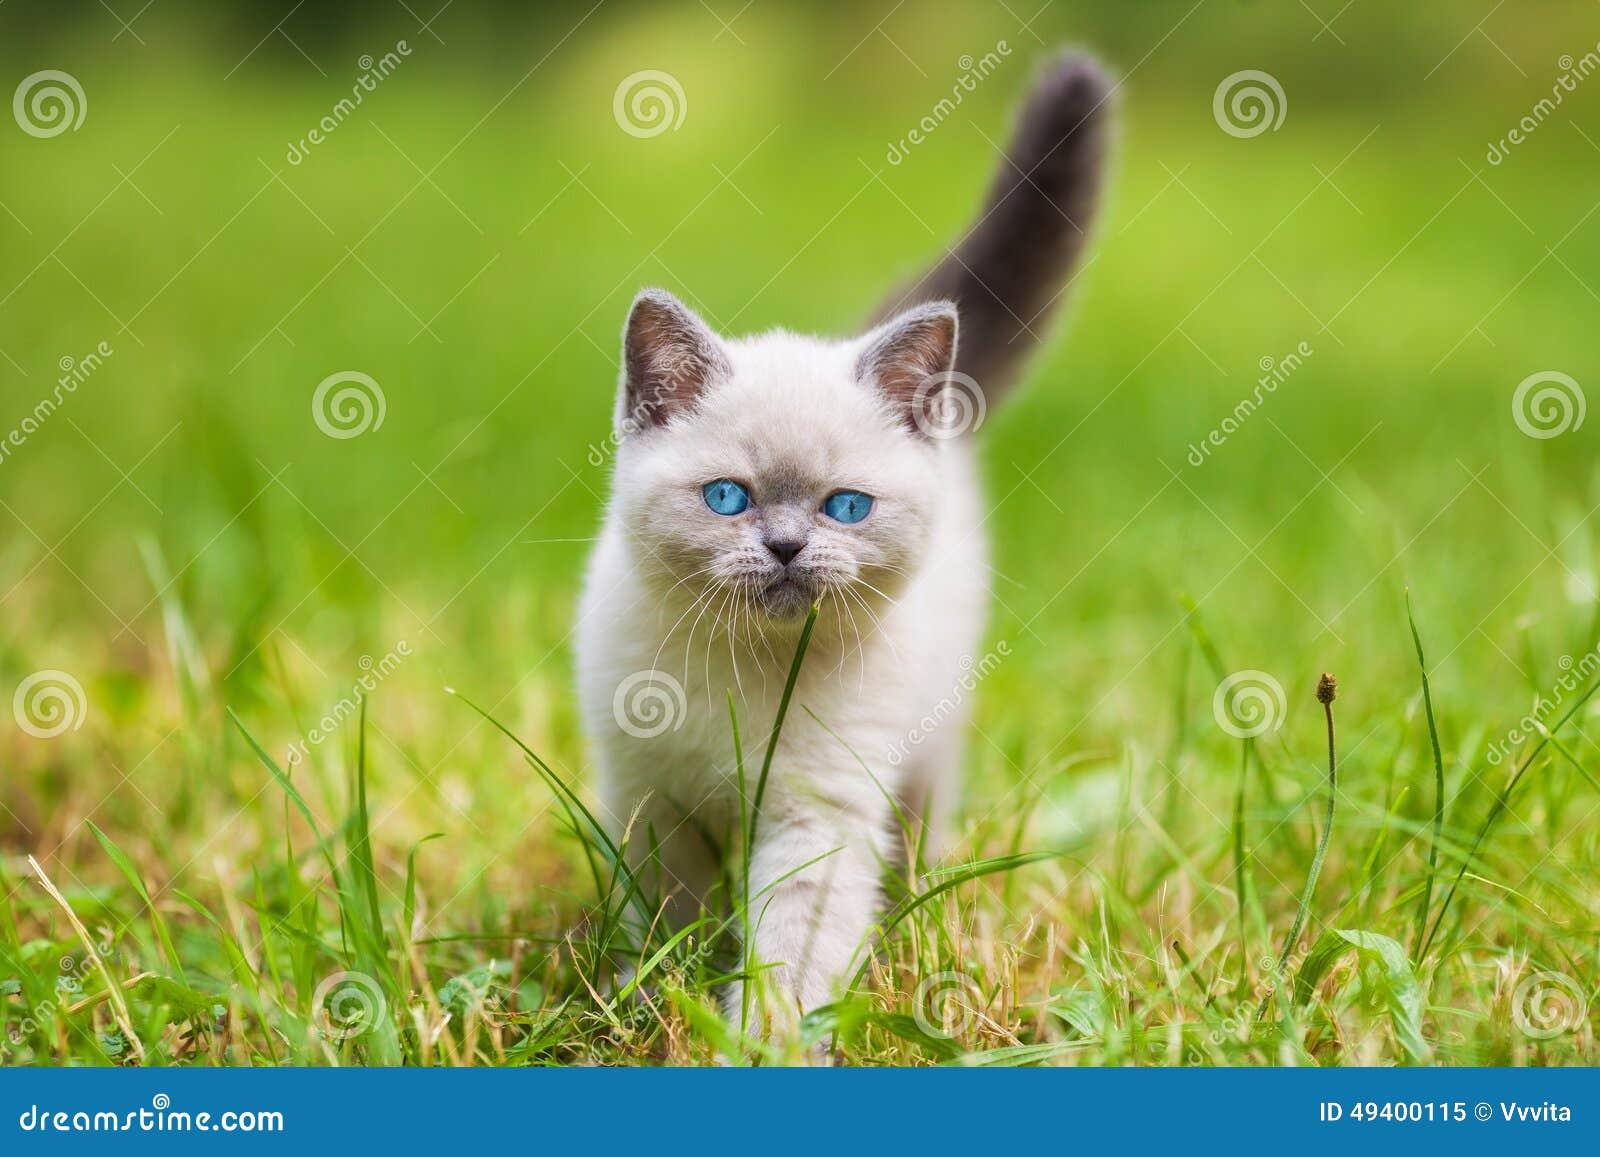 Download Kätzchen Auf Einem Grünen Gras Stockbild - Bild von frisch, feiertag: 49400115